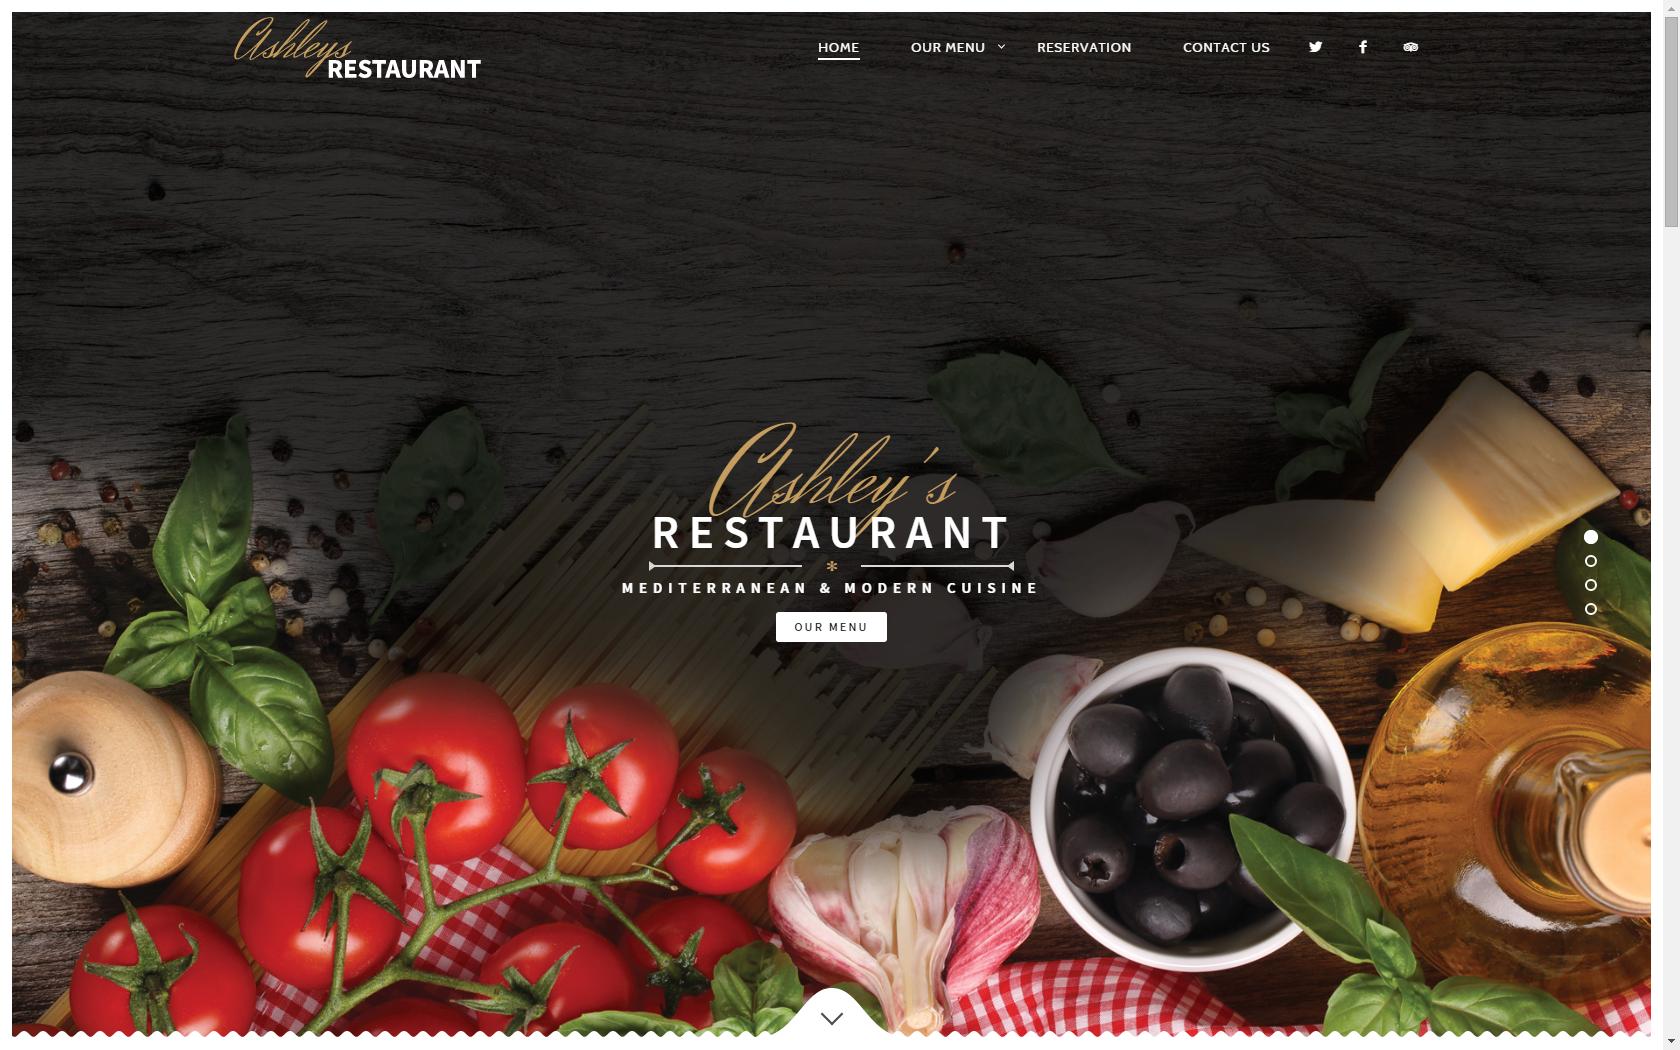 Ashley's Restaurant